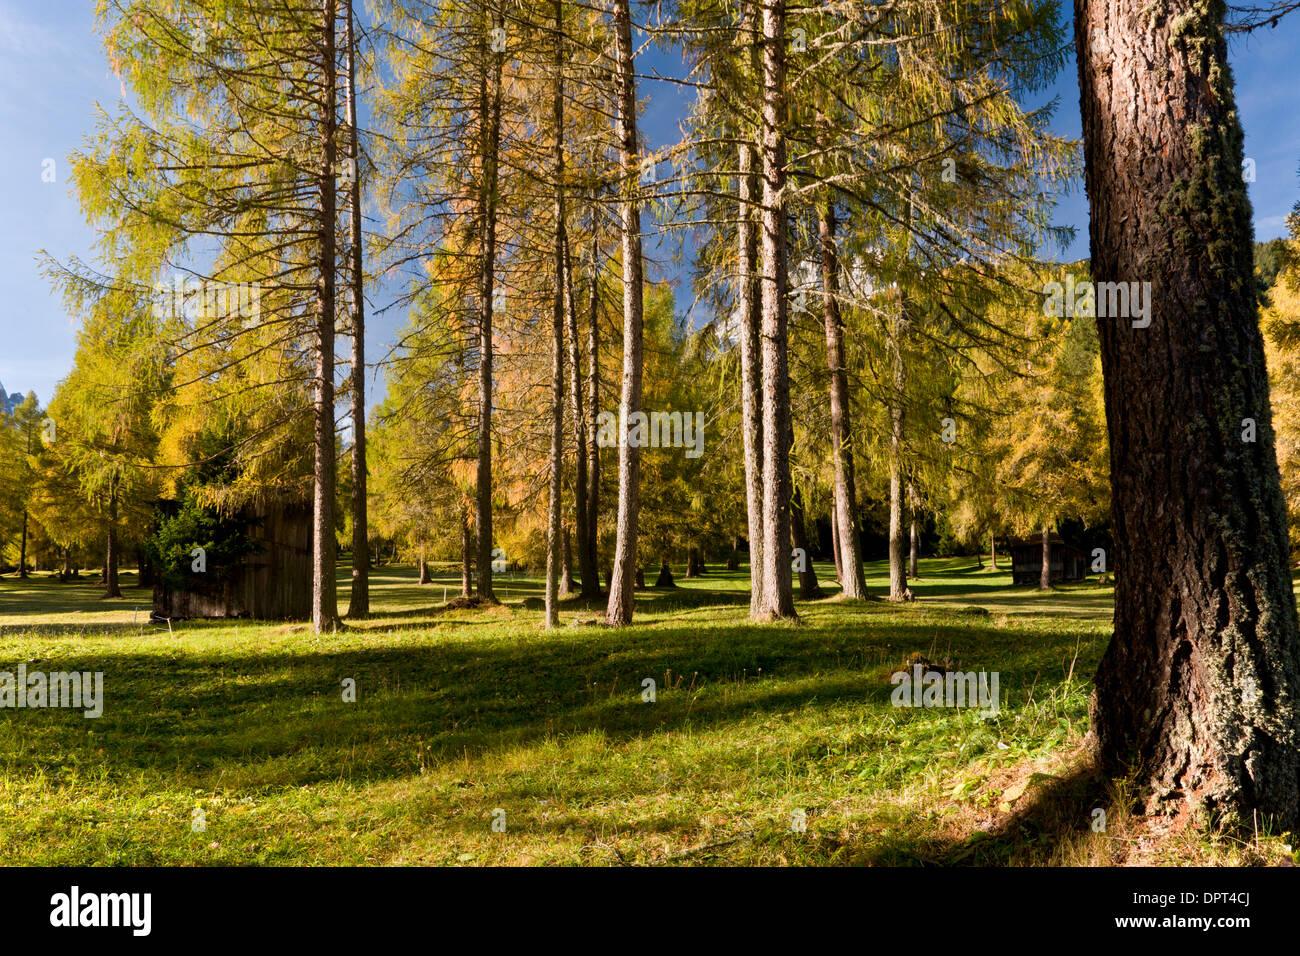 Legno di larice pascolo a campo di Dentro, Dolomiti orientali, nord Italia. Immagini Stock